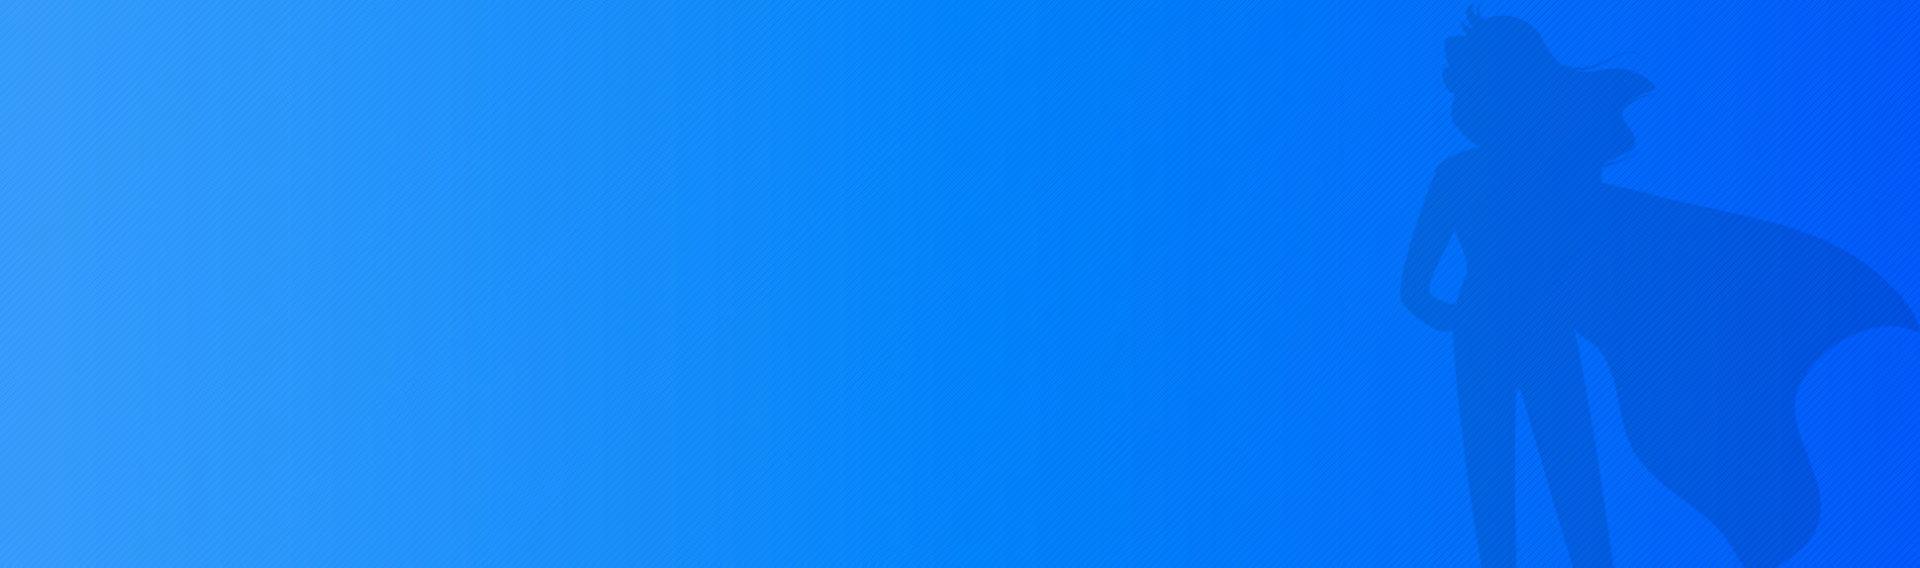 Hintergrundgrafik in blau mit Streifen